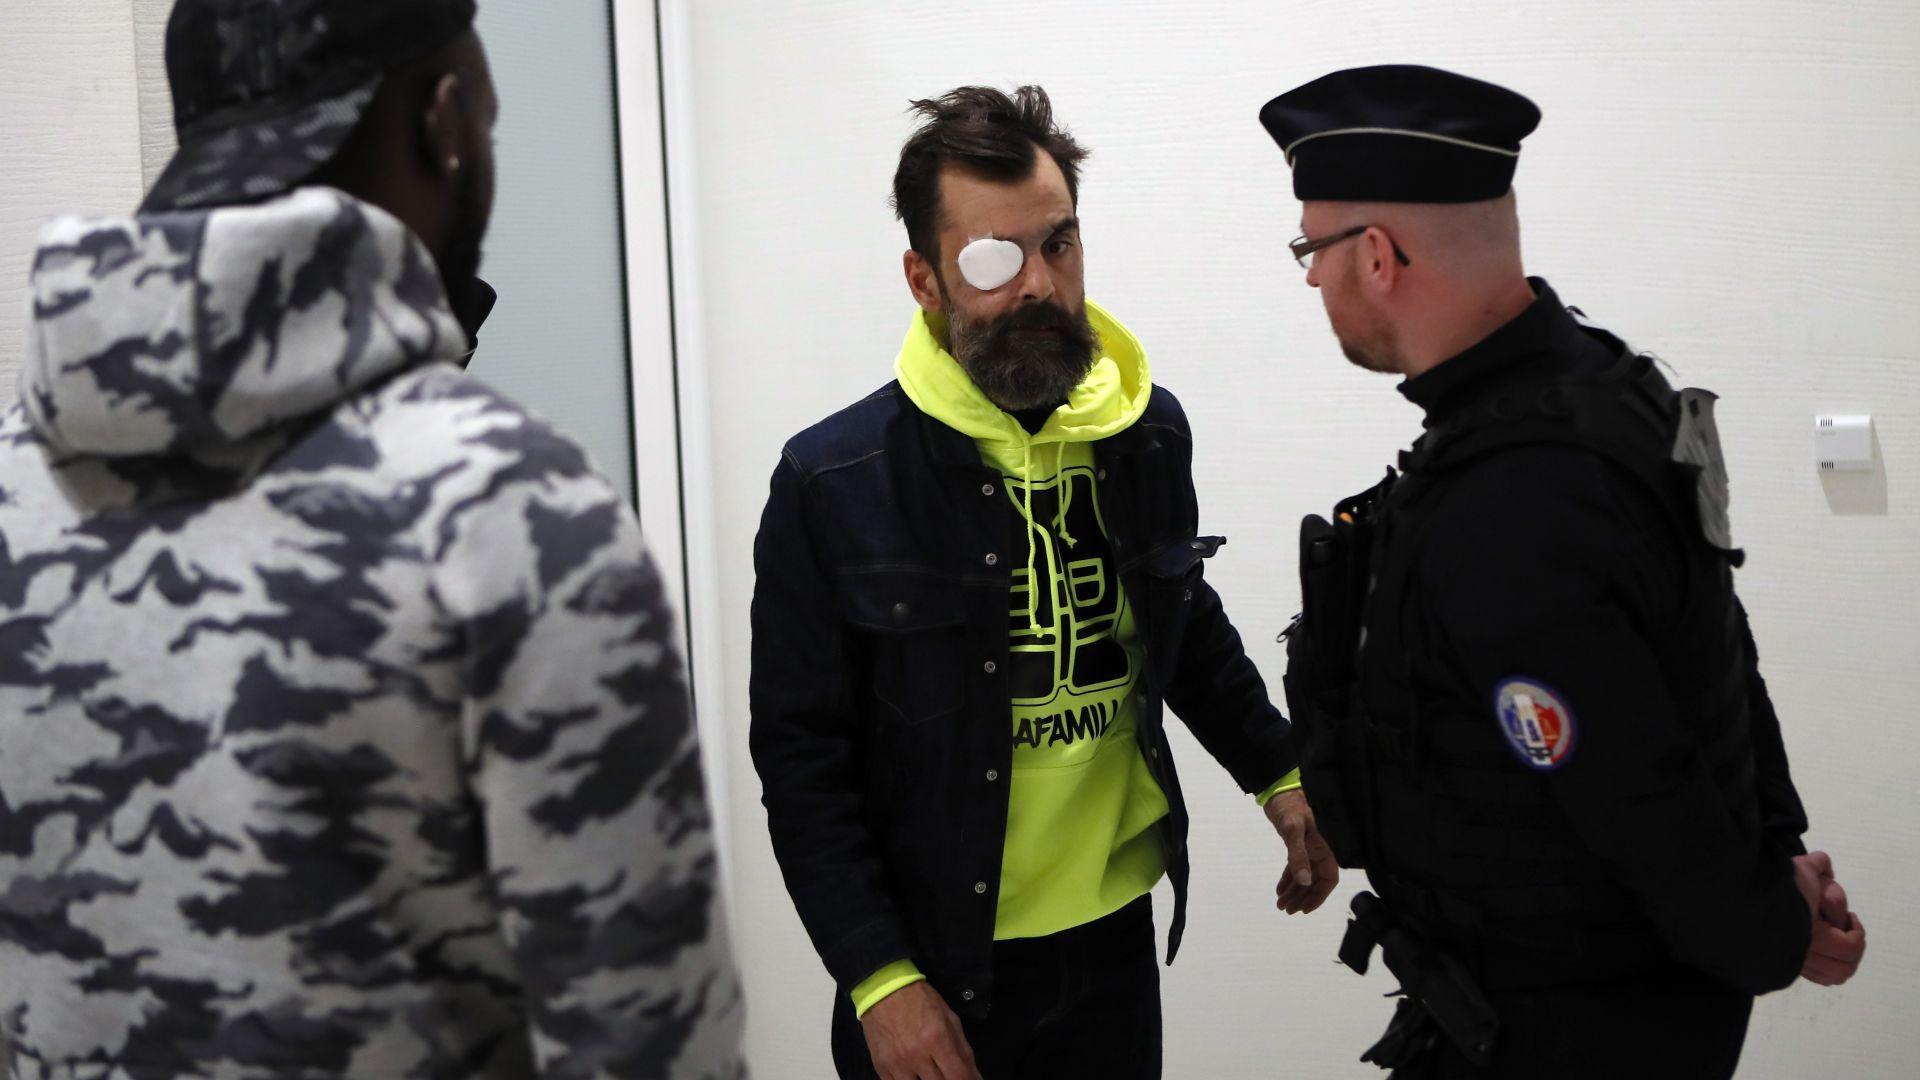 Съдебно дело срещу виден лидер на жълтите жилетки в Париж